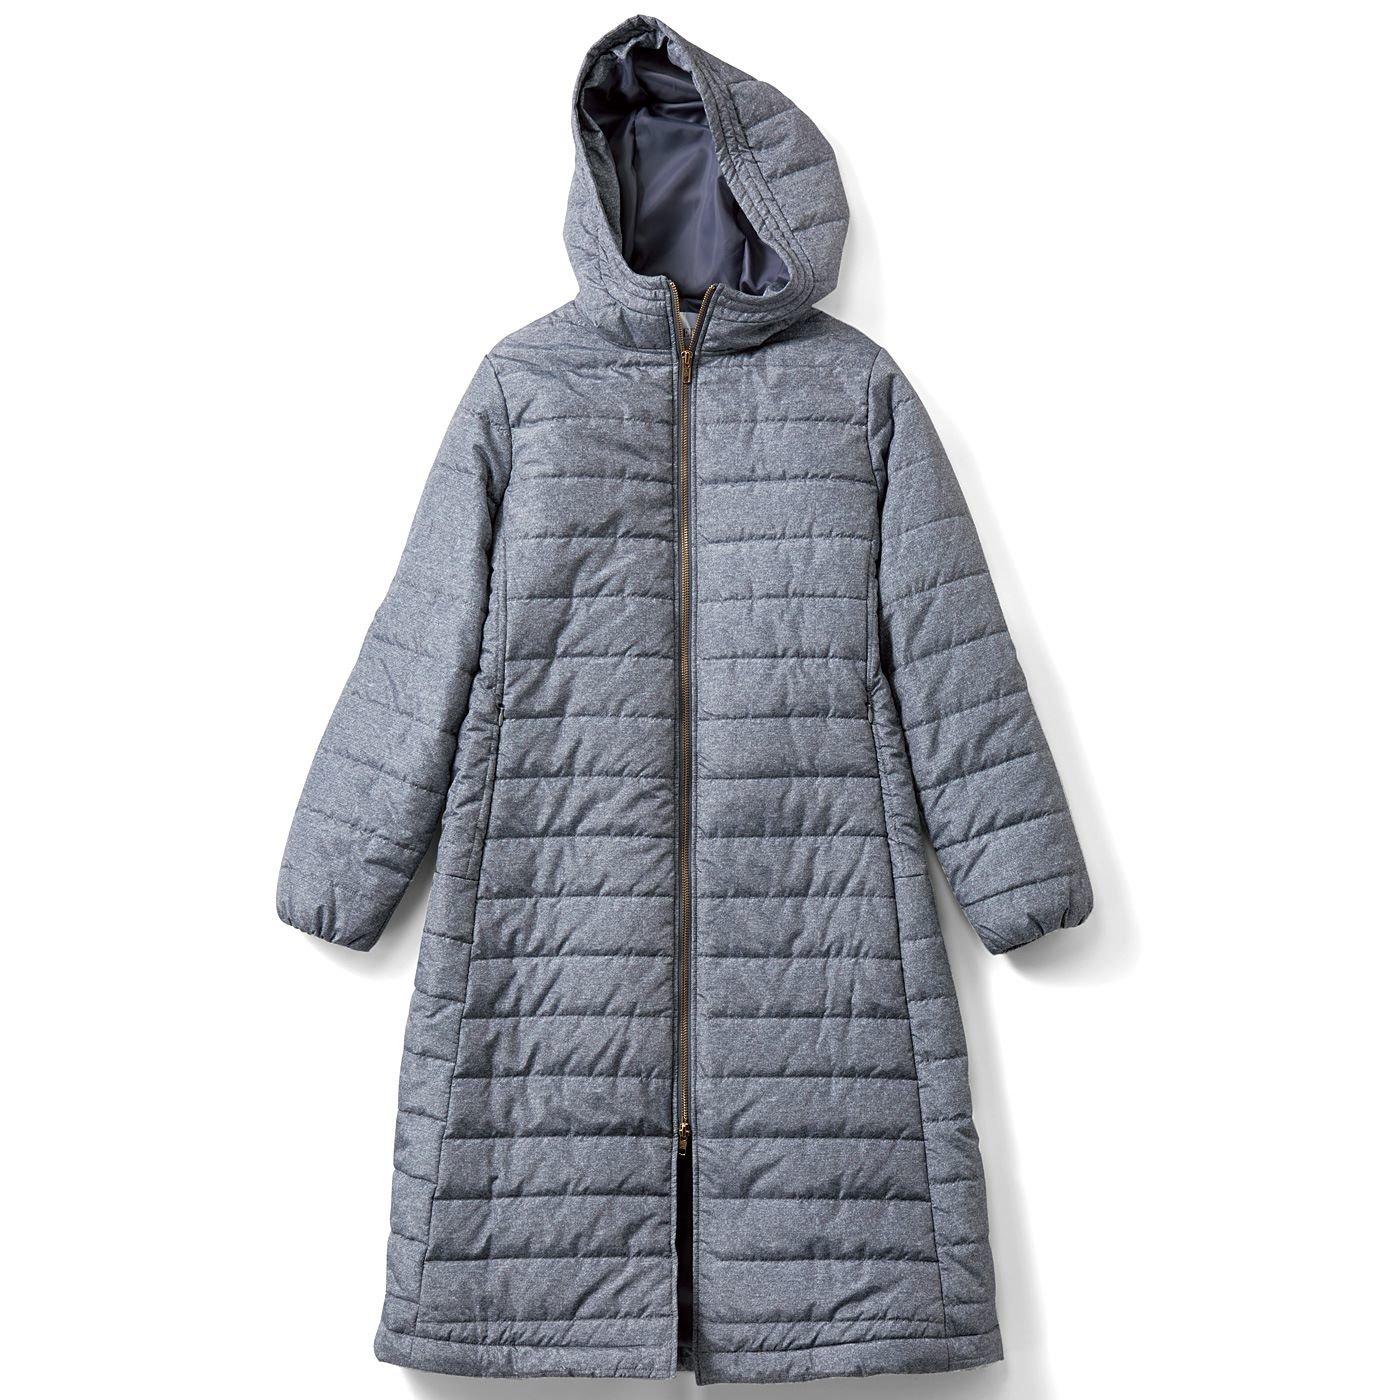 IEDIT[イディット] ロング丈ですっぽり包む サーモライト(R)中わた 着やせコート〈ライトグレー〉